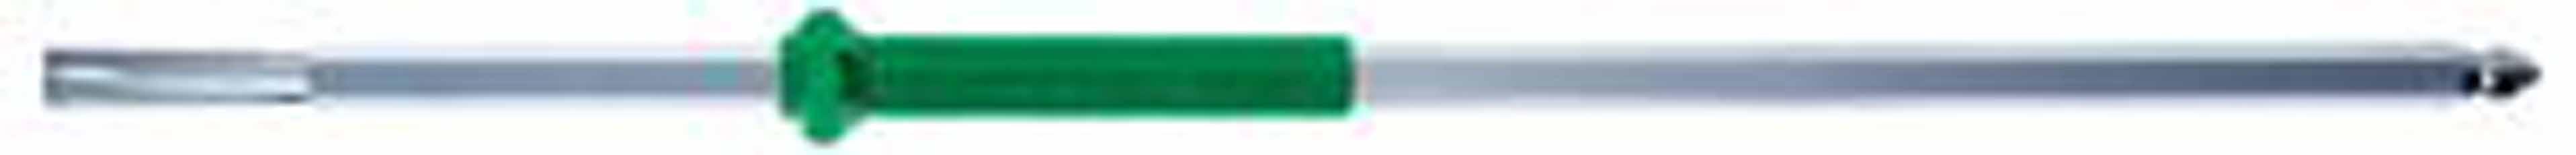 Zeskantstiftsleutel Torx T6 WIHA 26064